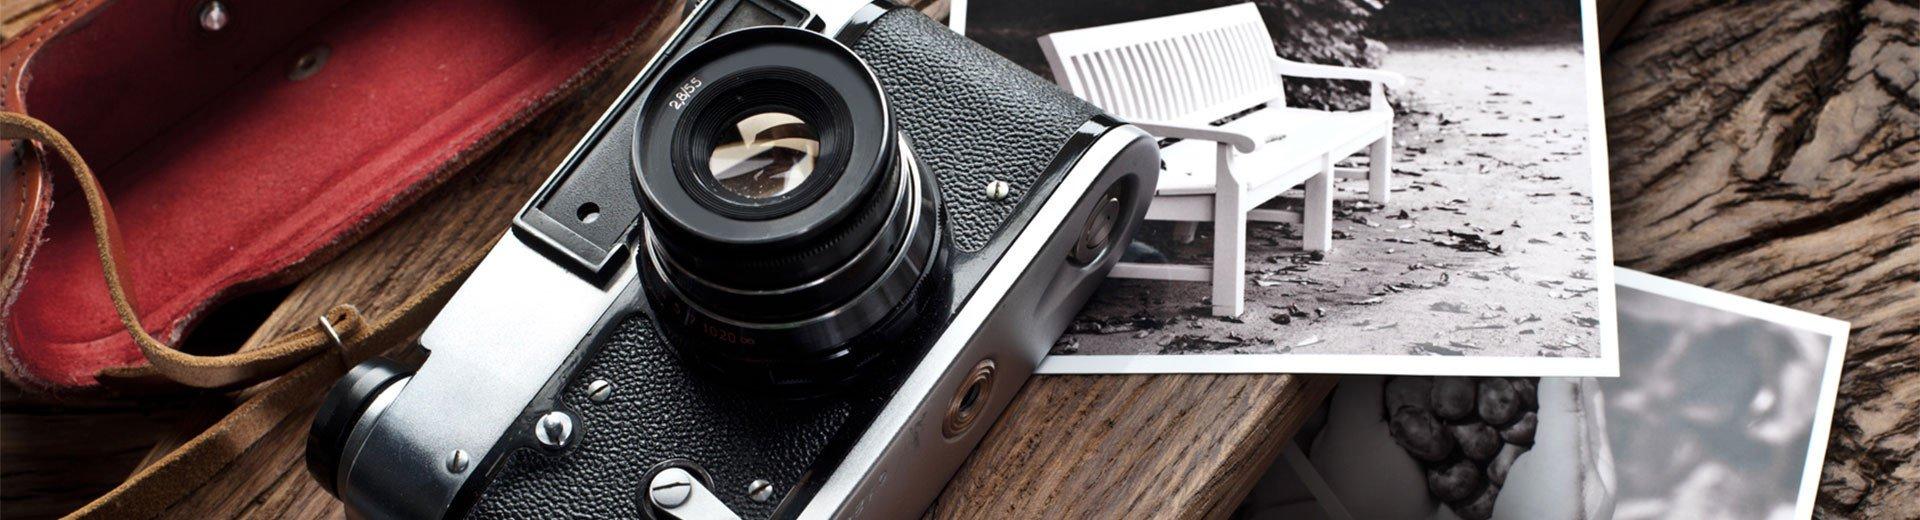 Okładka artykułu Fotografia analogowa w cyfrowym świecie — Rozmowa z Andrzejem Łukaszem